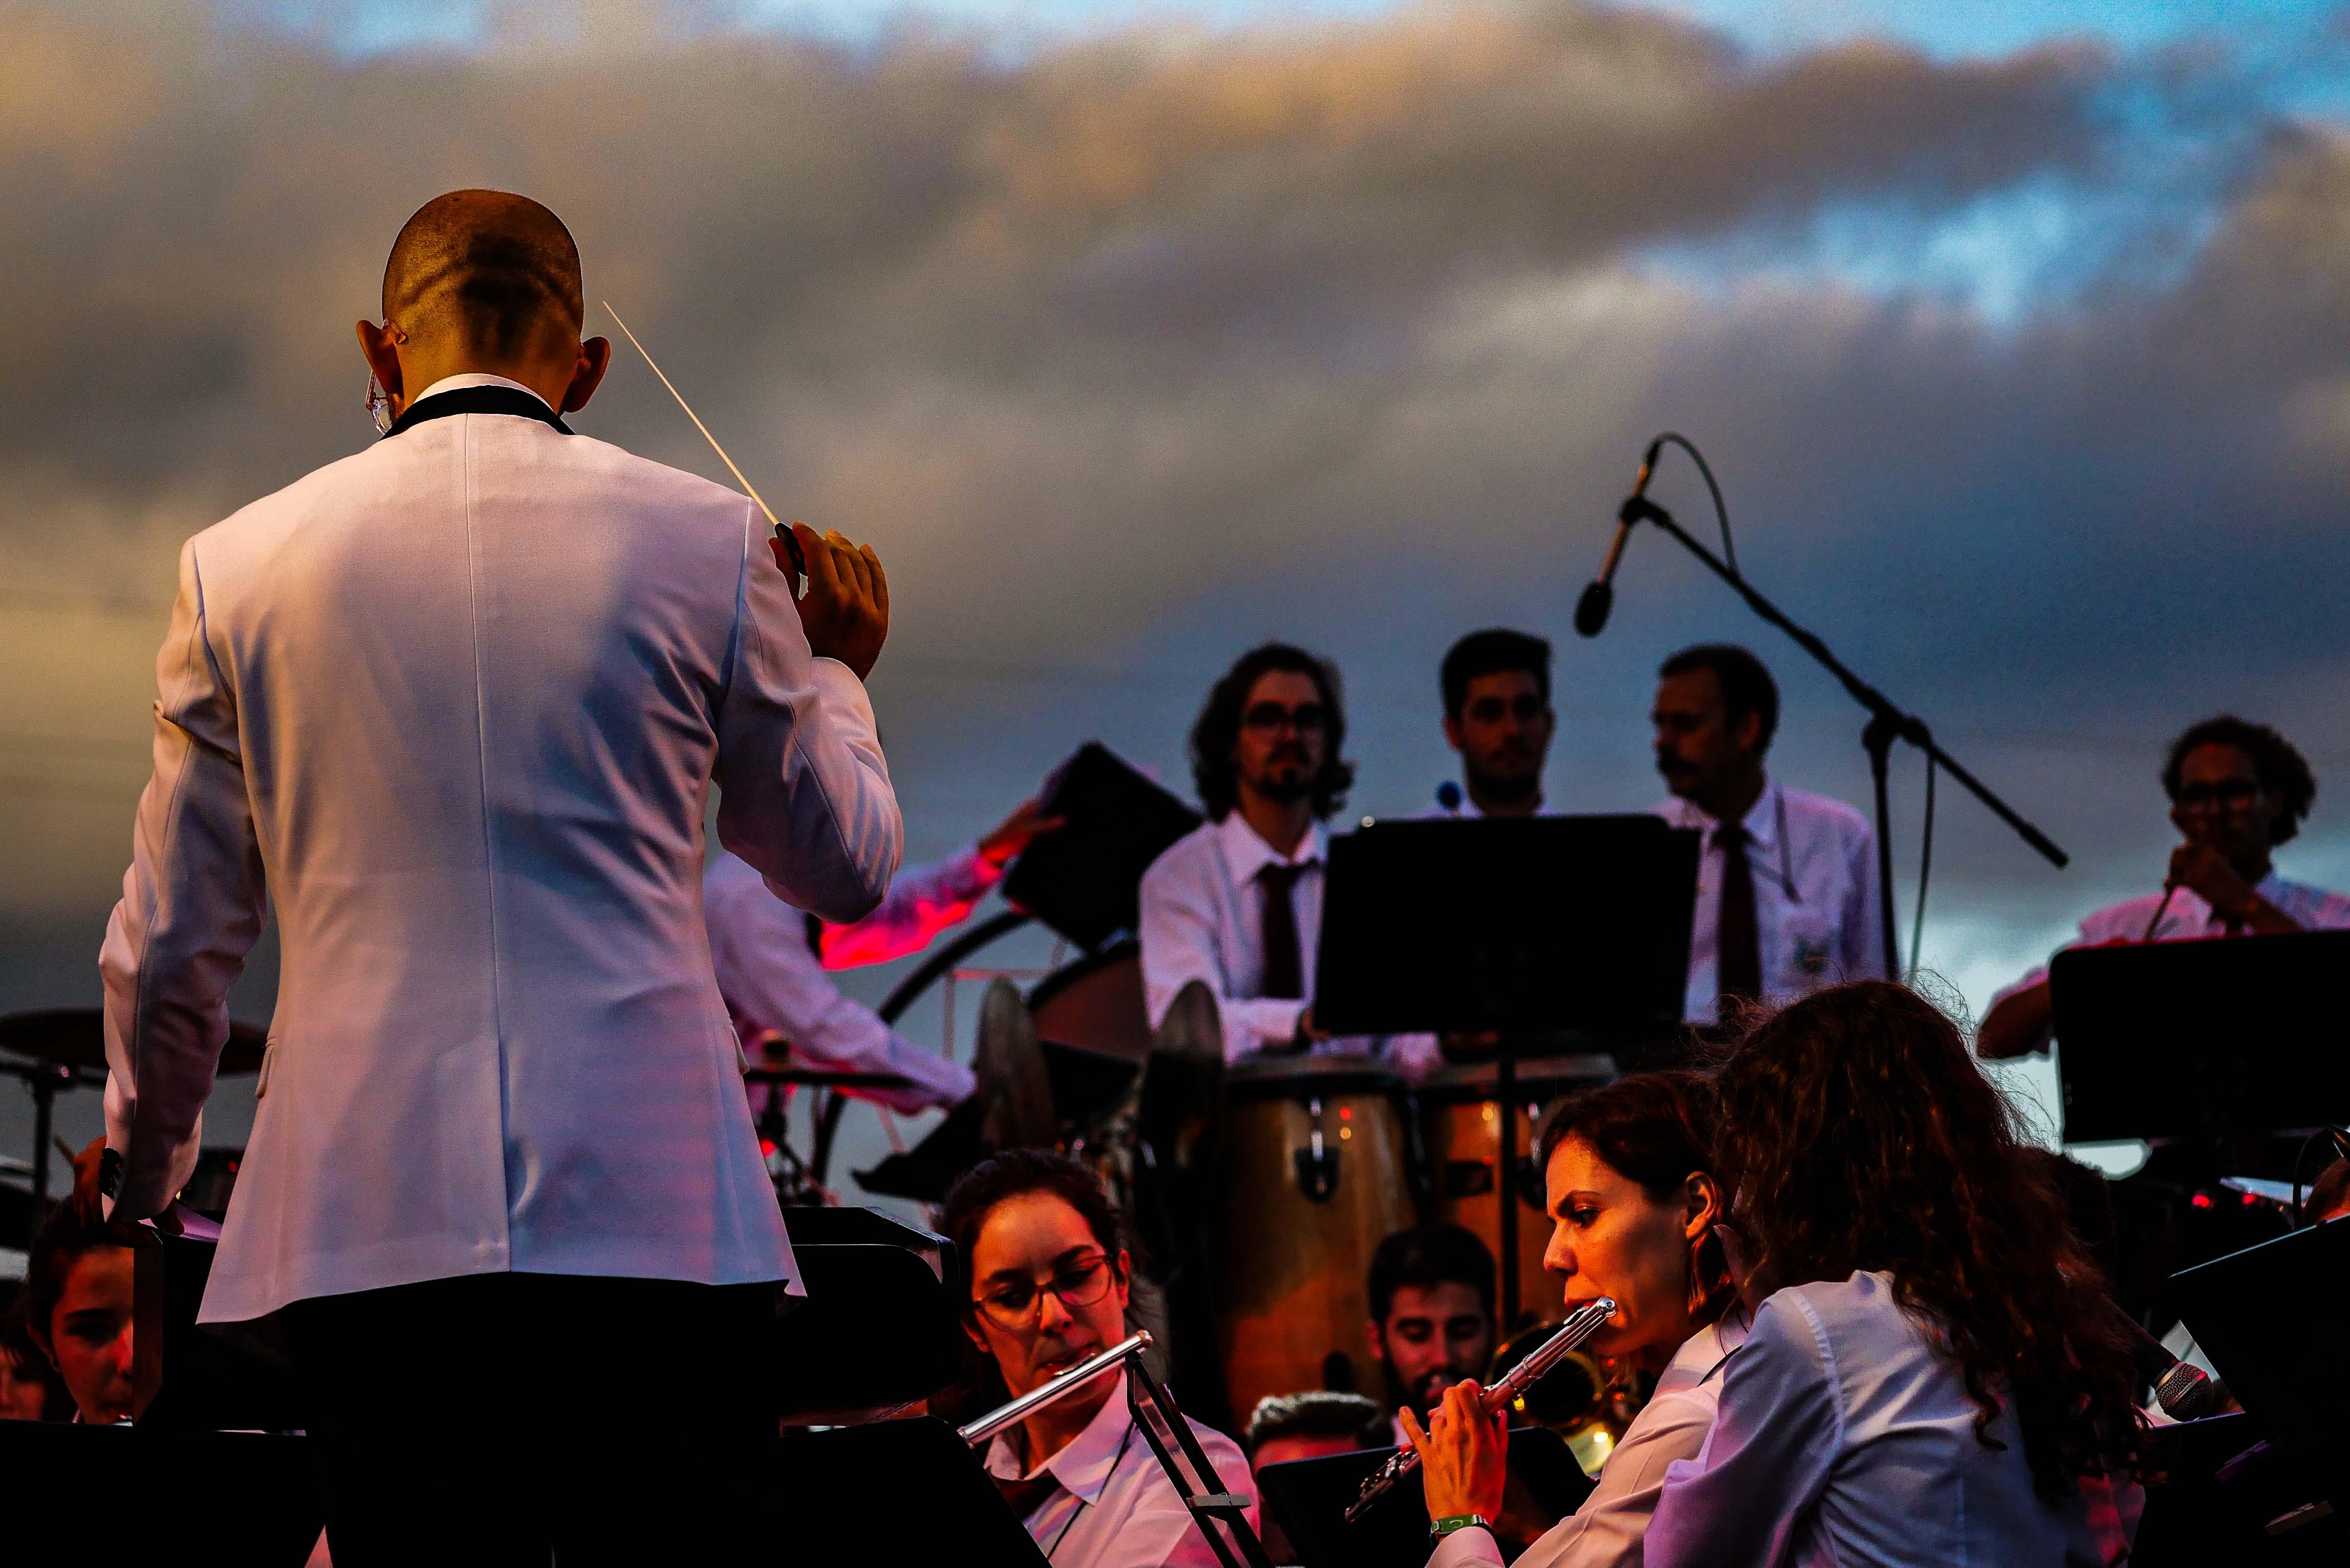 Orquestra Filarmónica Gafanhense. Fotografia: João Norte.